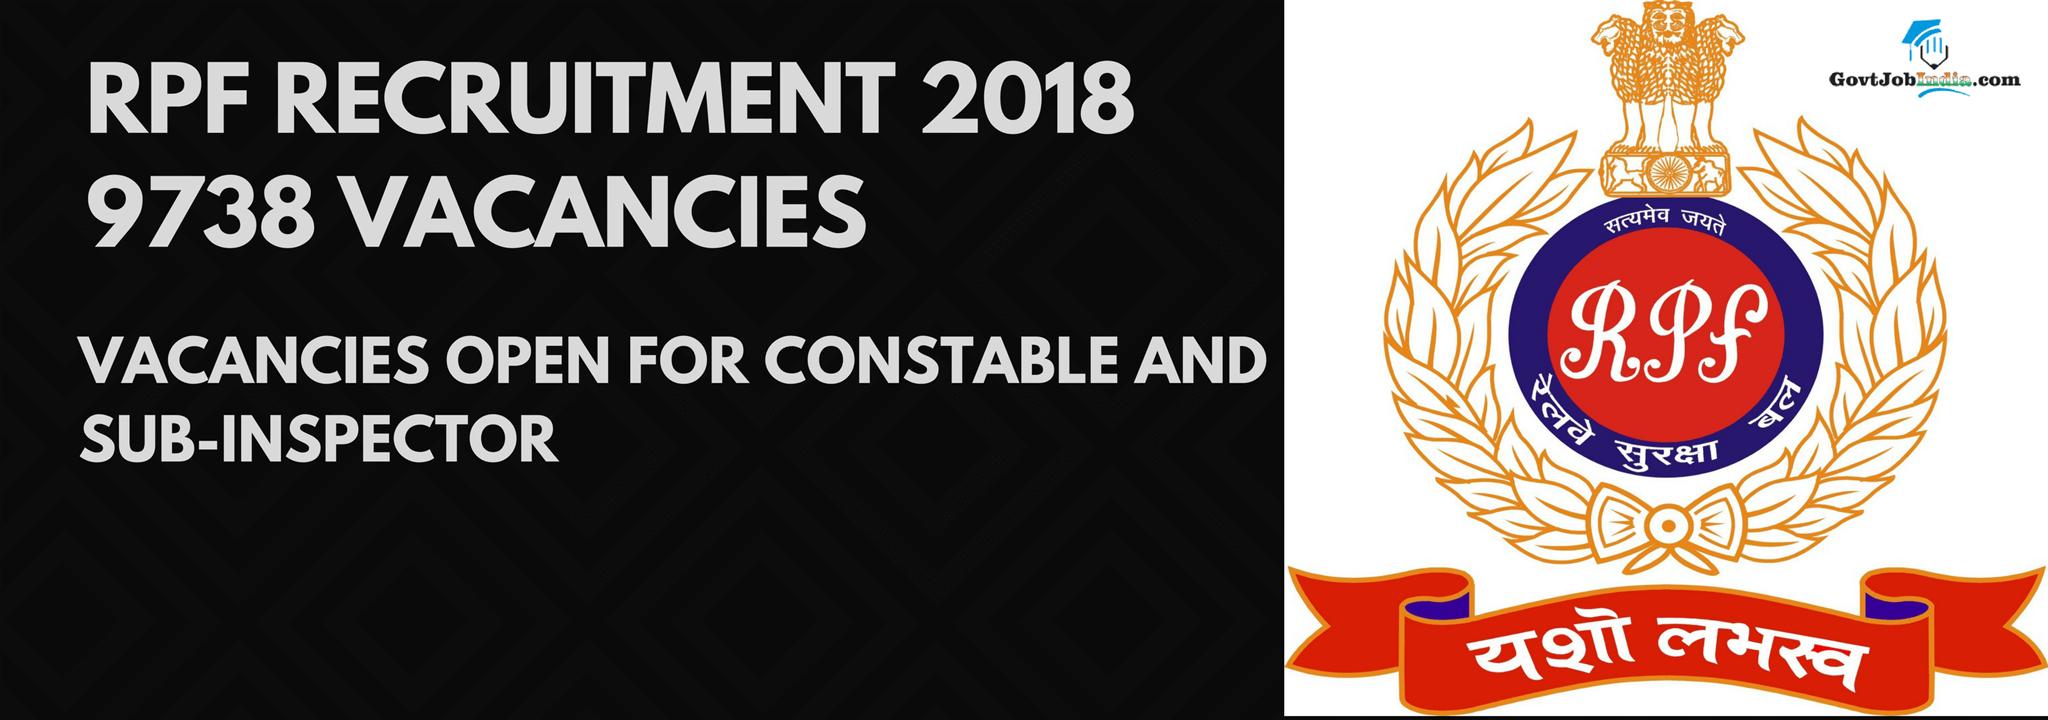 RPF Recruitment 2018 Constables & SI Vacancies - RPF Online Form